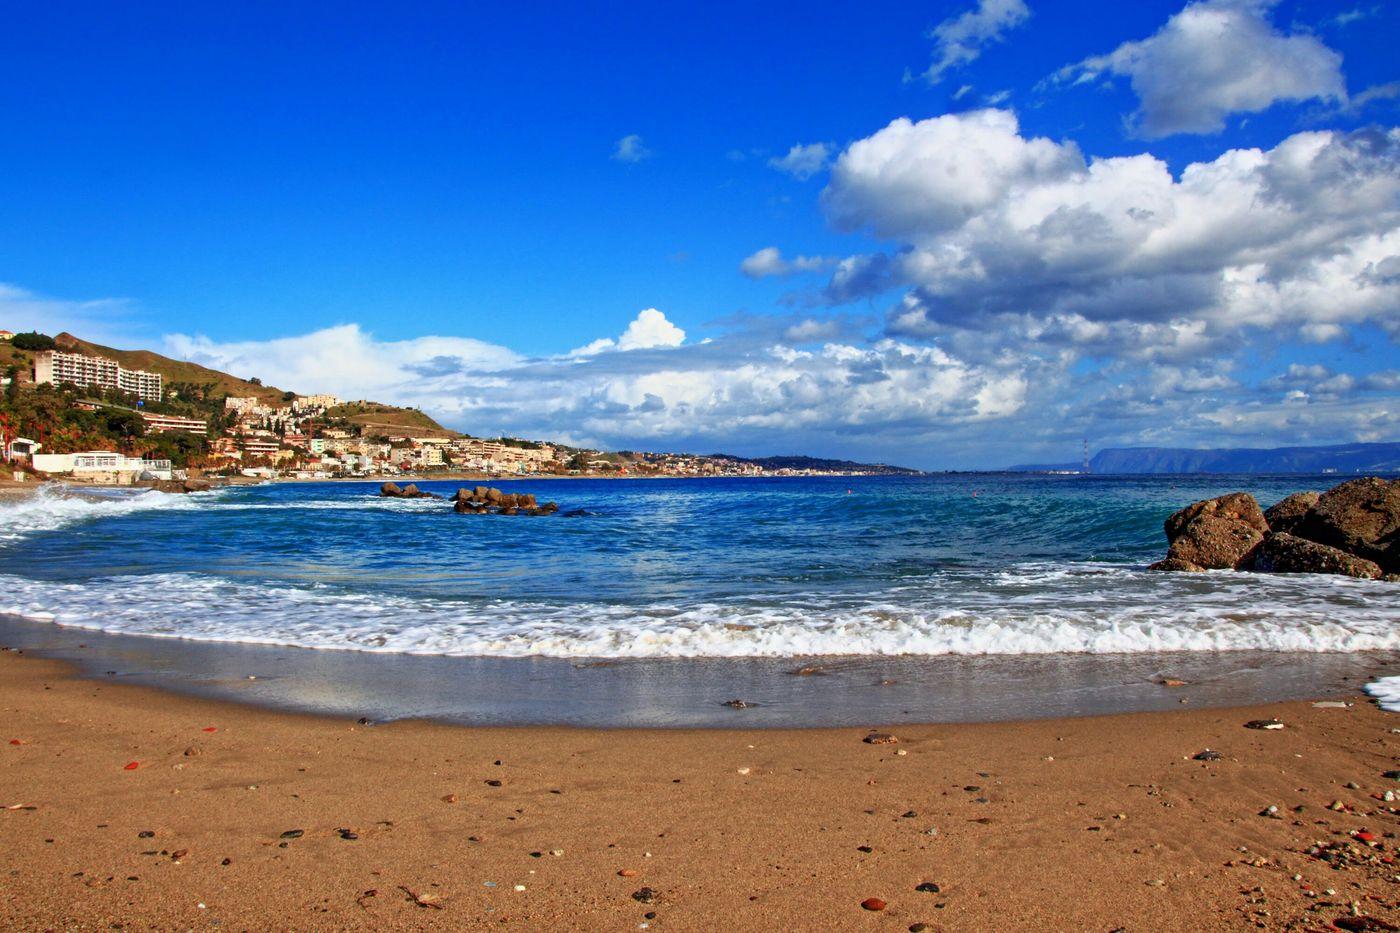 Mare strettodimessina Cielo Sabbiaescogli Messina